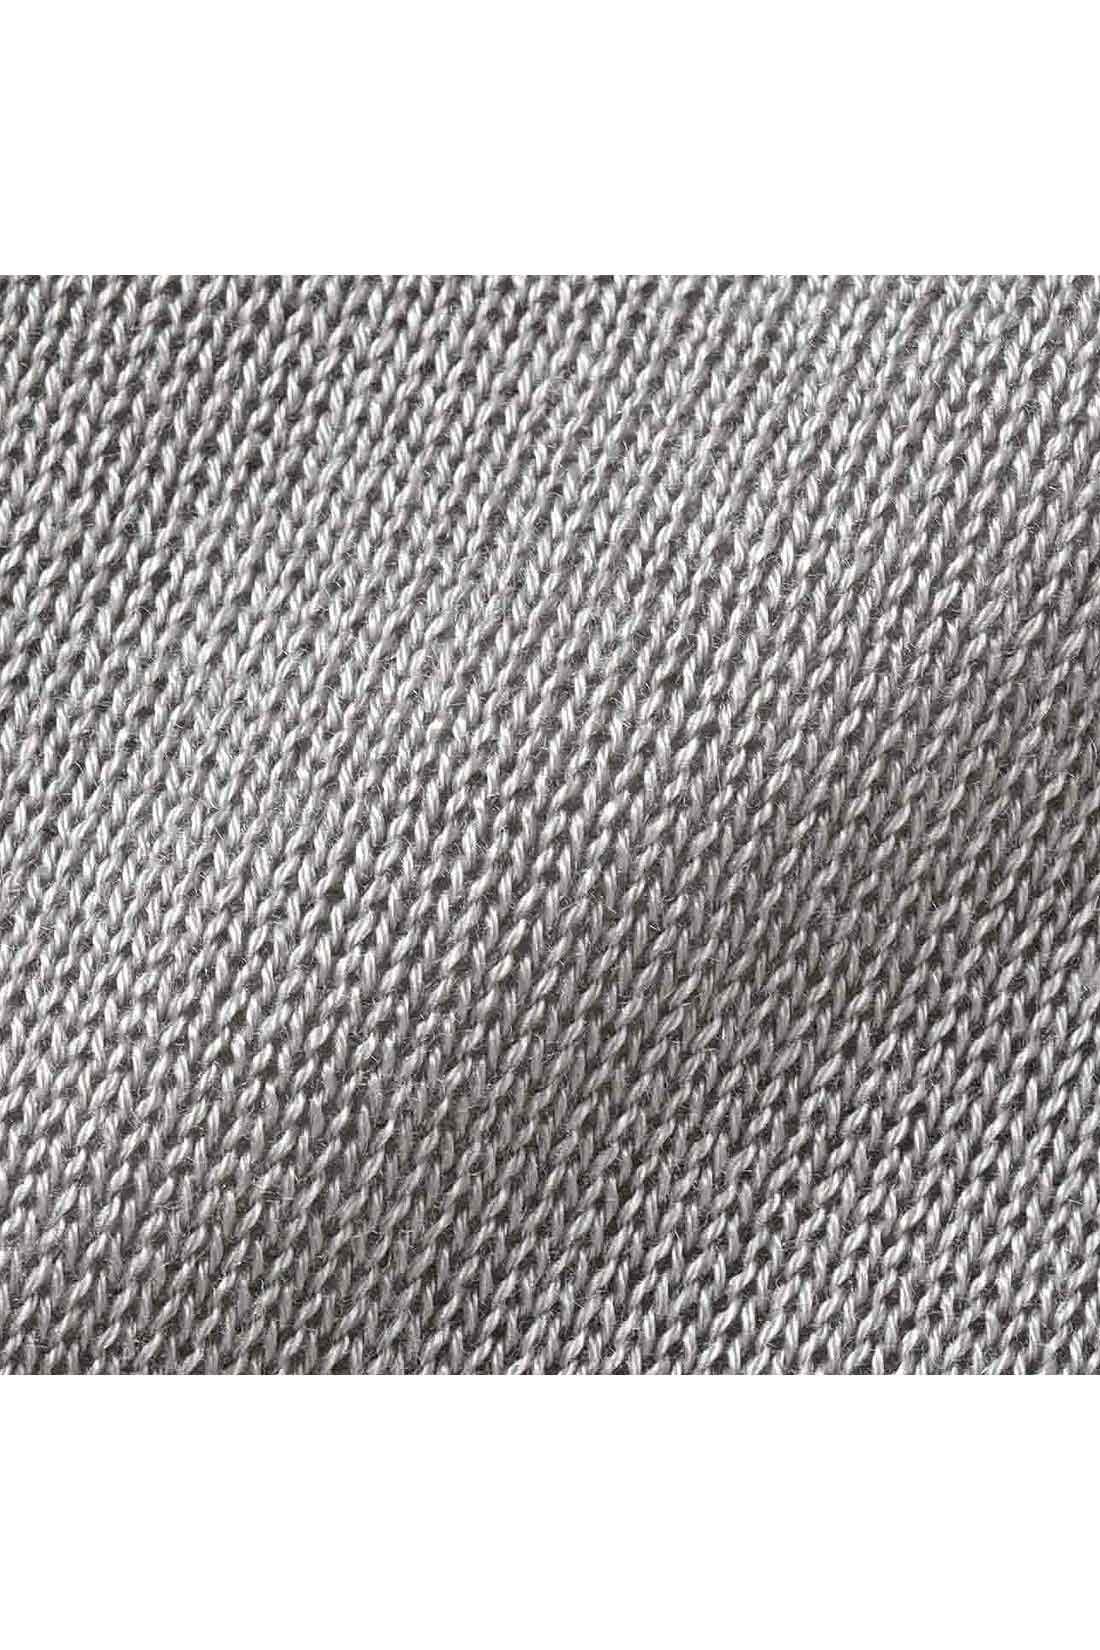 さらりとした肌ざわりのてろやかテンセル(R)混素材。ほどよい光沢がリッチで上品。